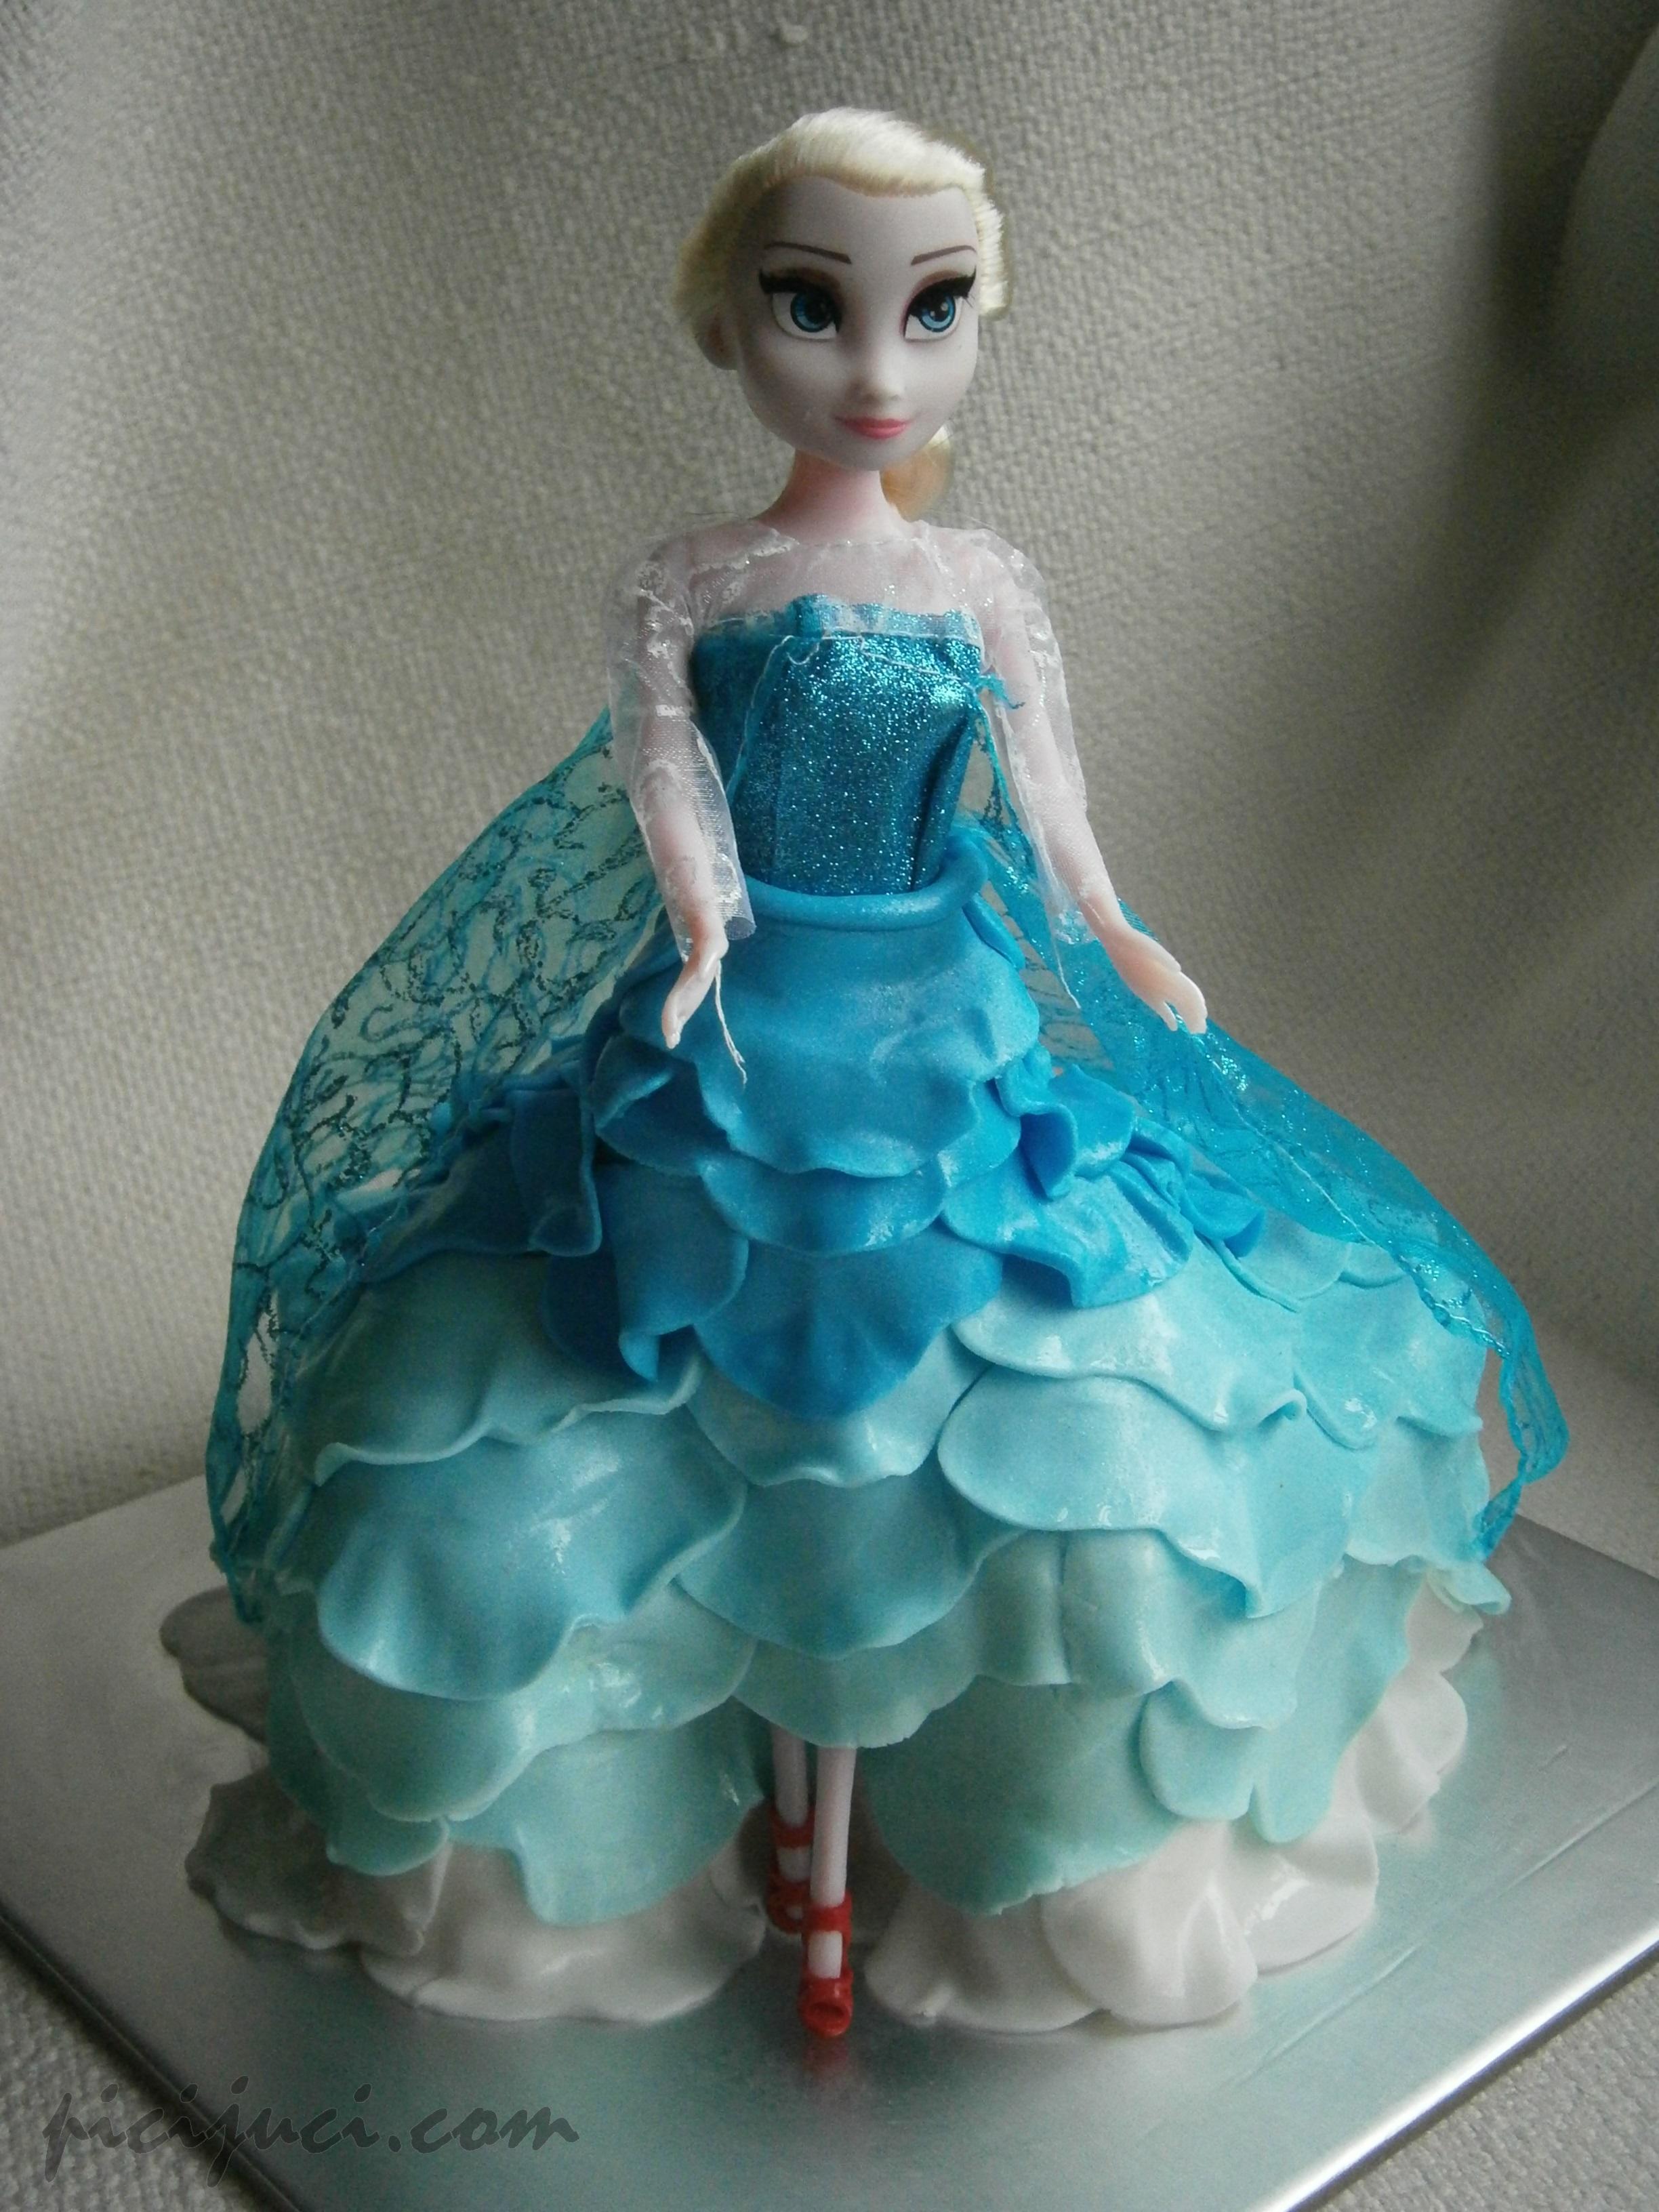 baba torta képek Frozen baba torta készítése lépésről lépésre « Picijuci Cukrászdája baba torta képek